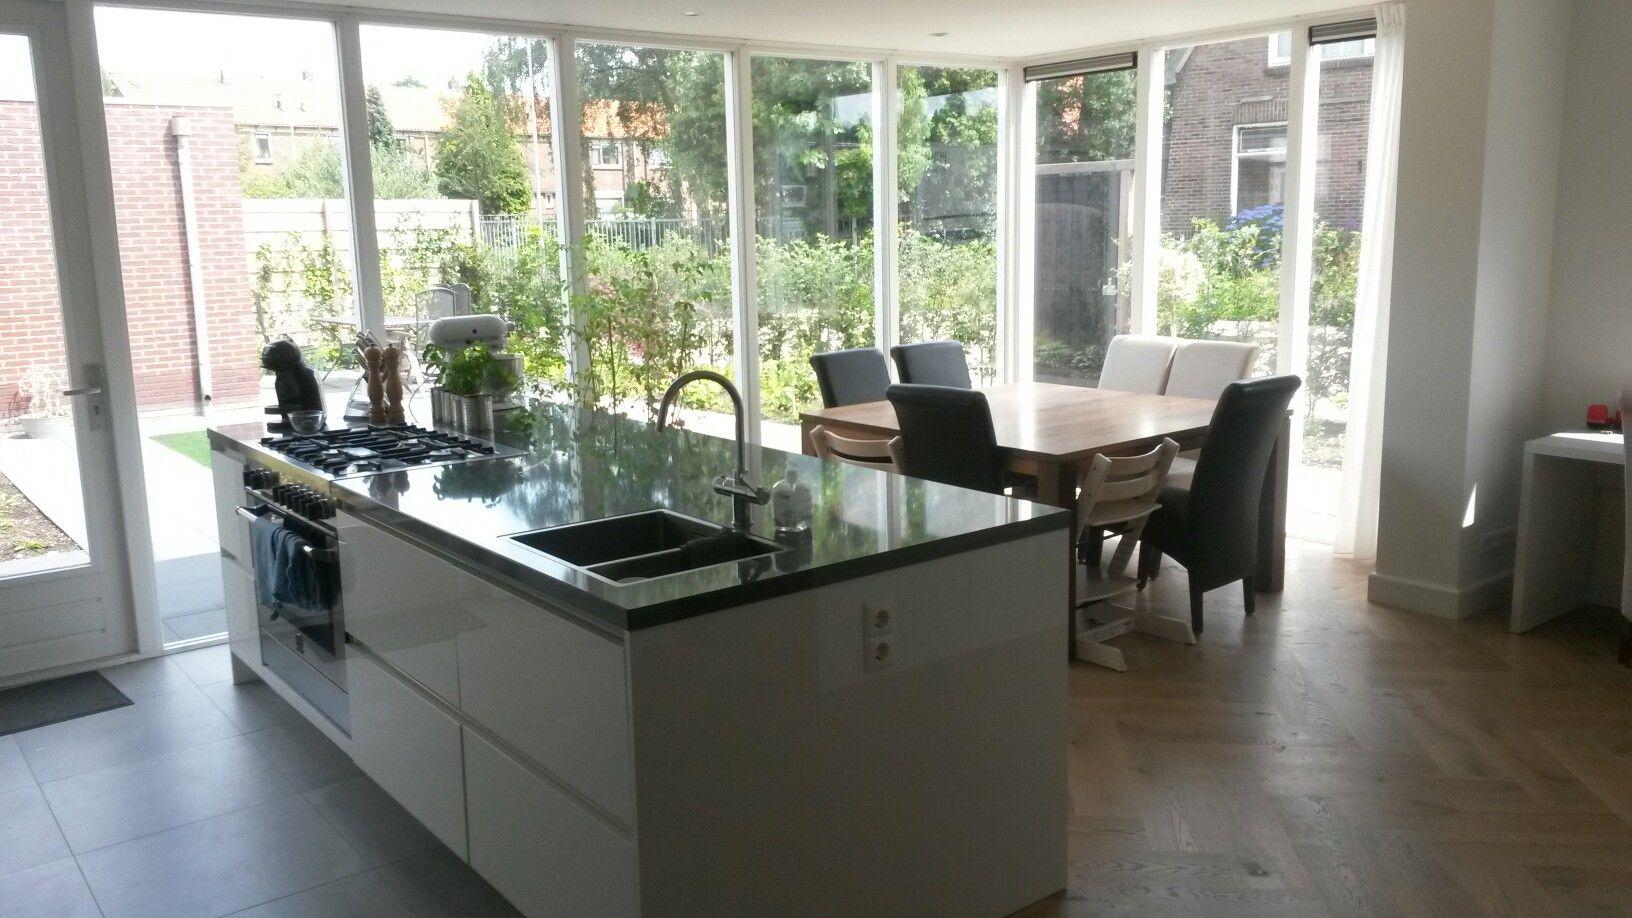 Visgraat Vloer Keuken : Woonkeuken met zicht op de tuin vierkante tafel hoogglans keuken